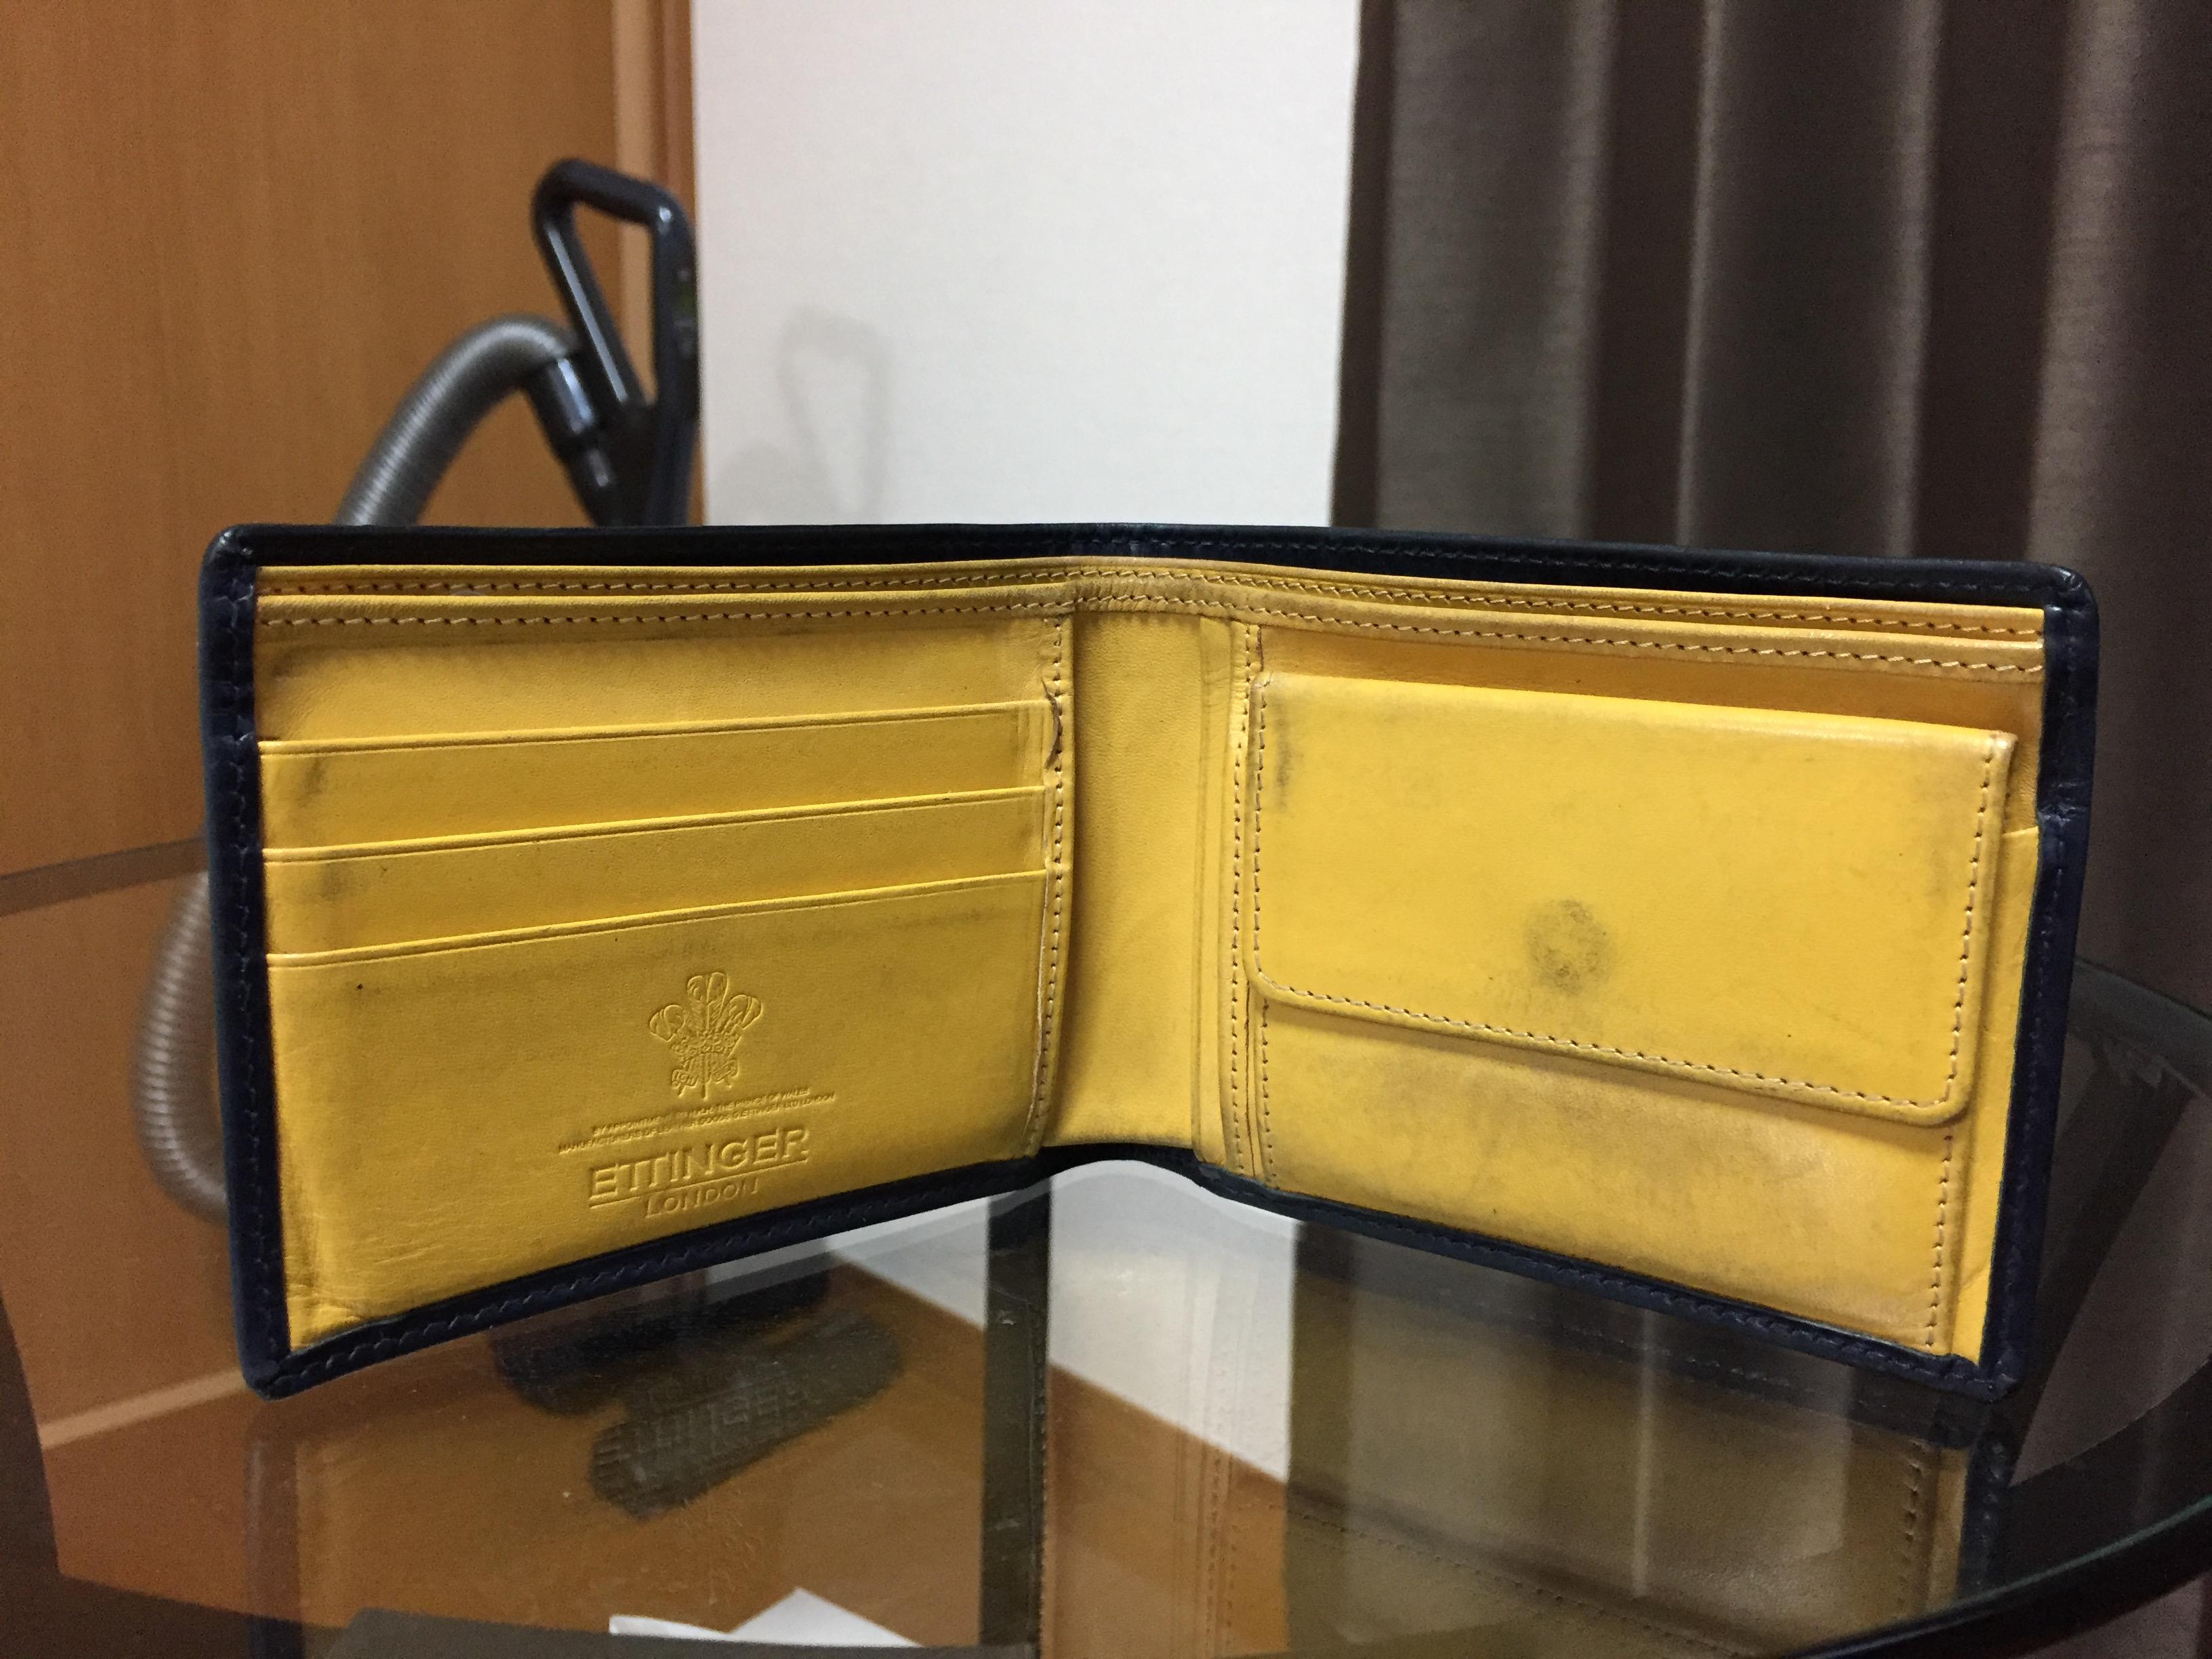 ettingerの財布